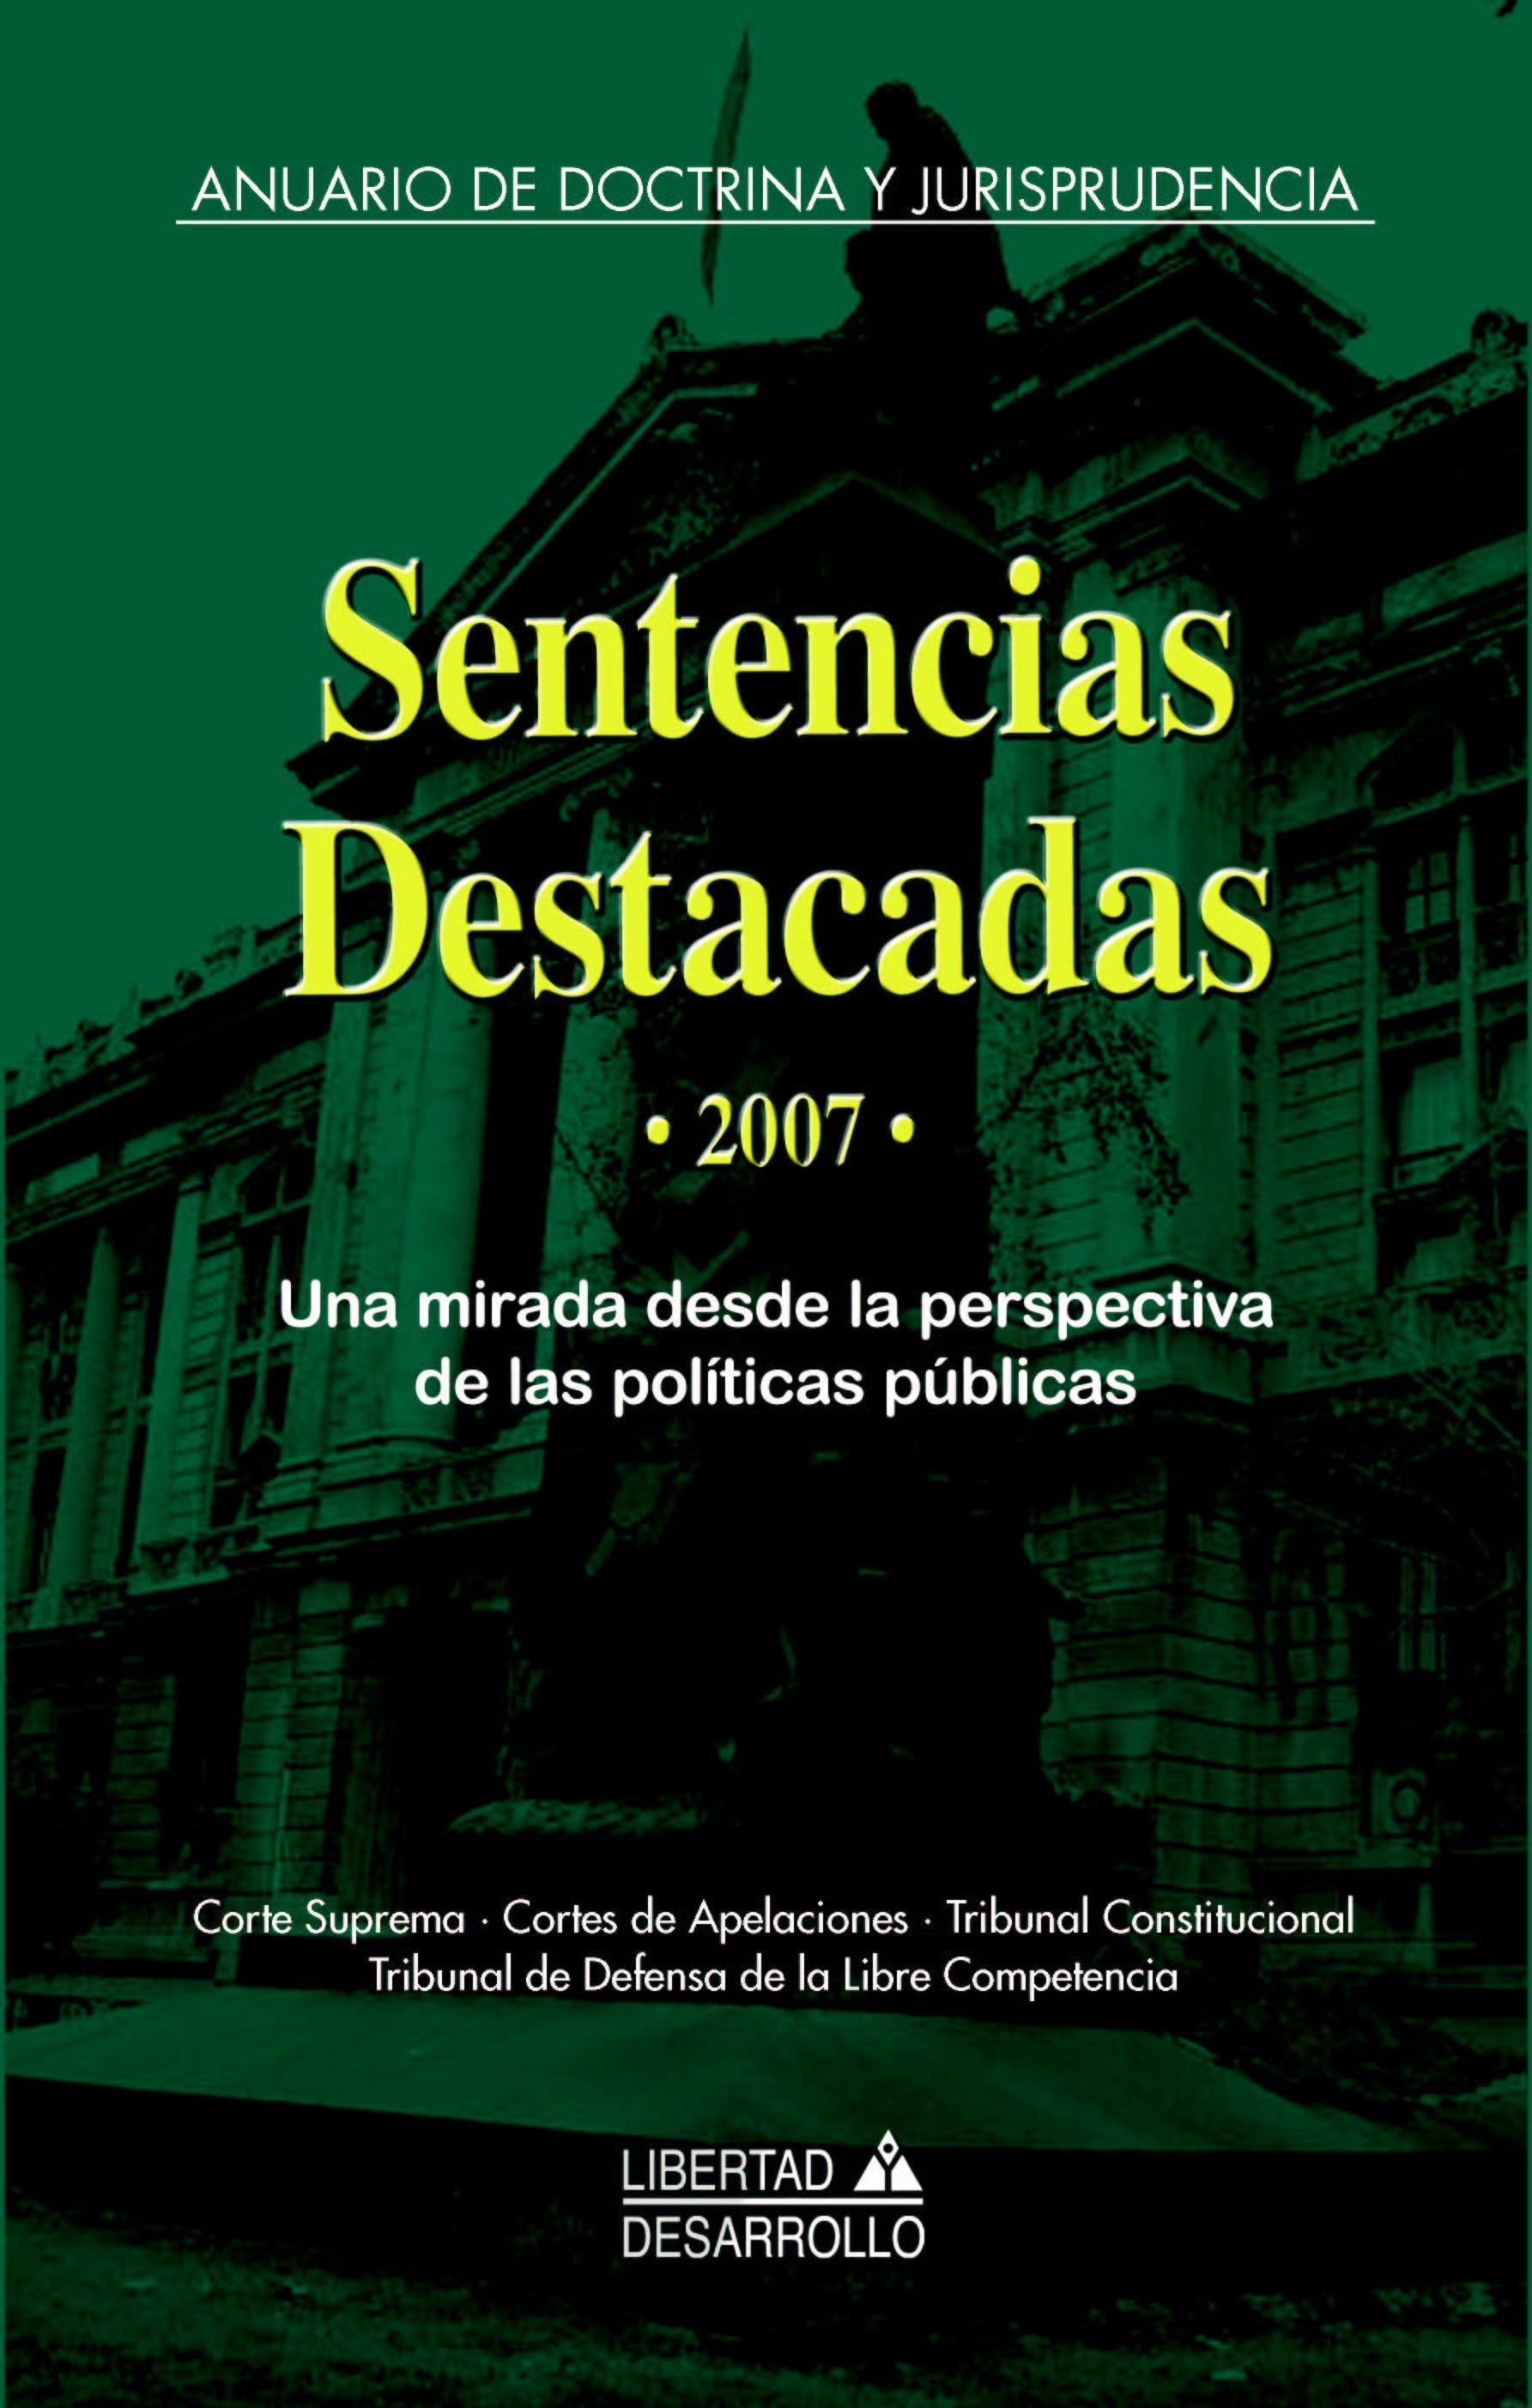 Sentencias destacadas 2007